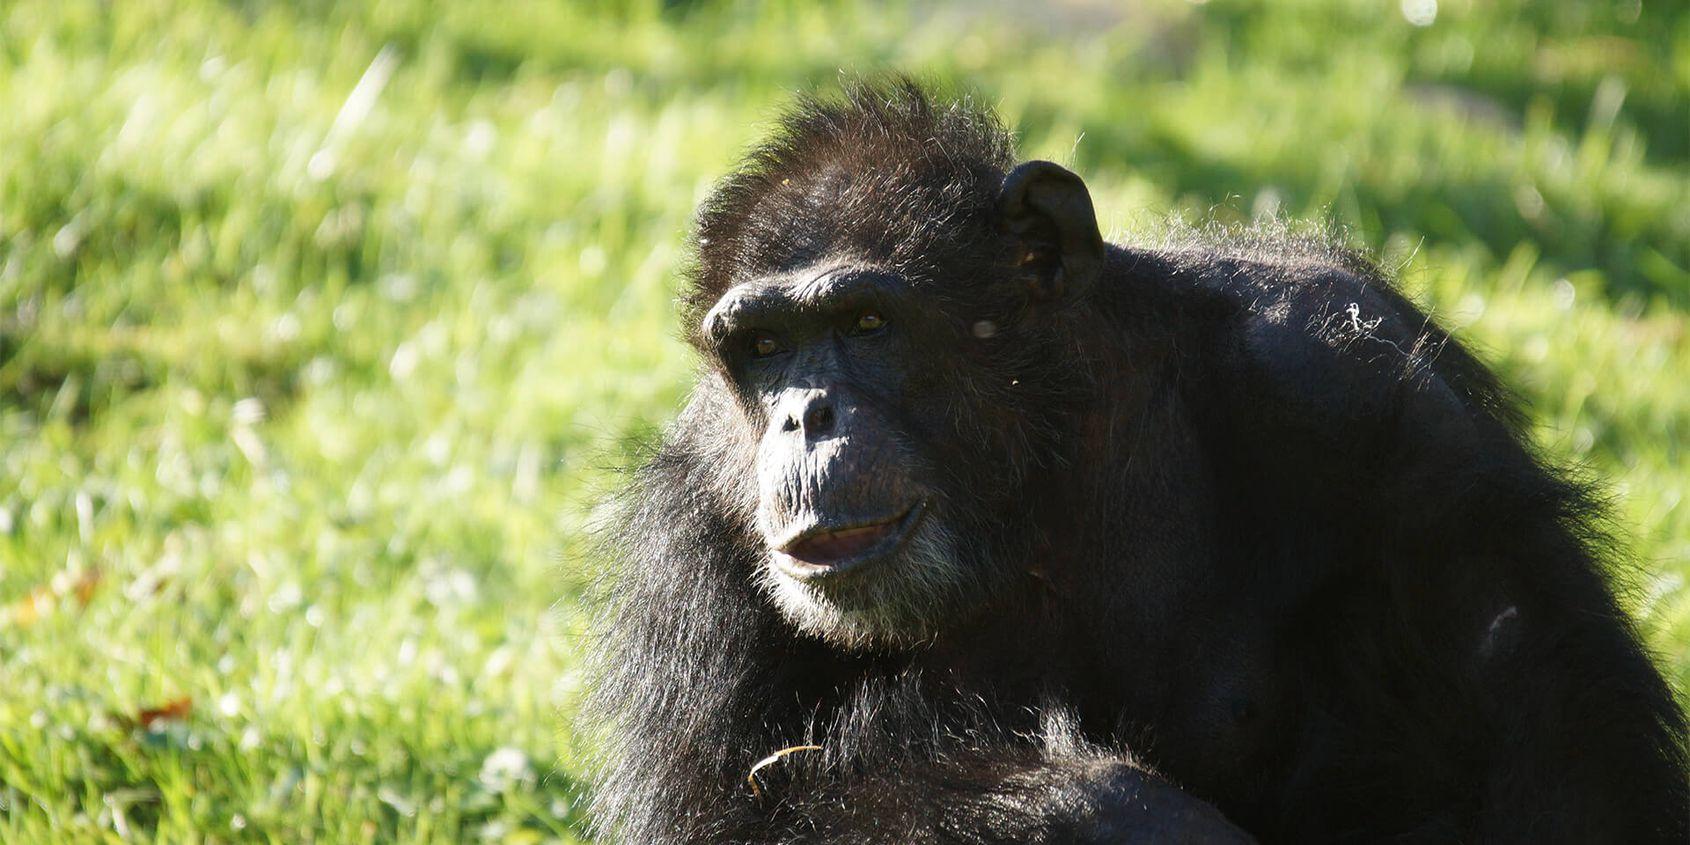 Mâle chimpanzé - Les animaux de La Serre des Chimpanzés et Orangs-outans - ZooParc de Beauval